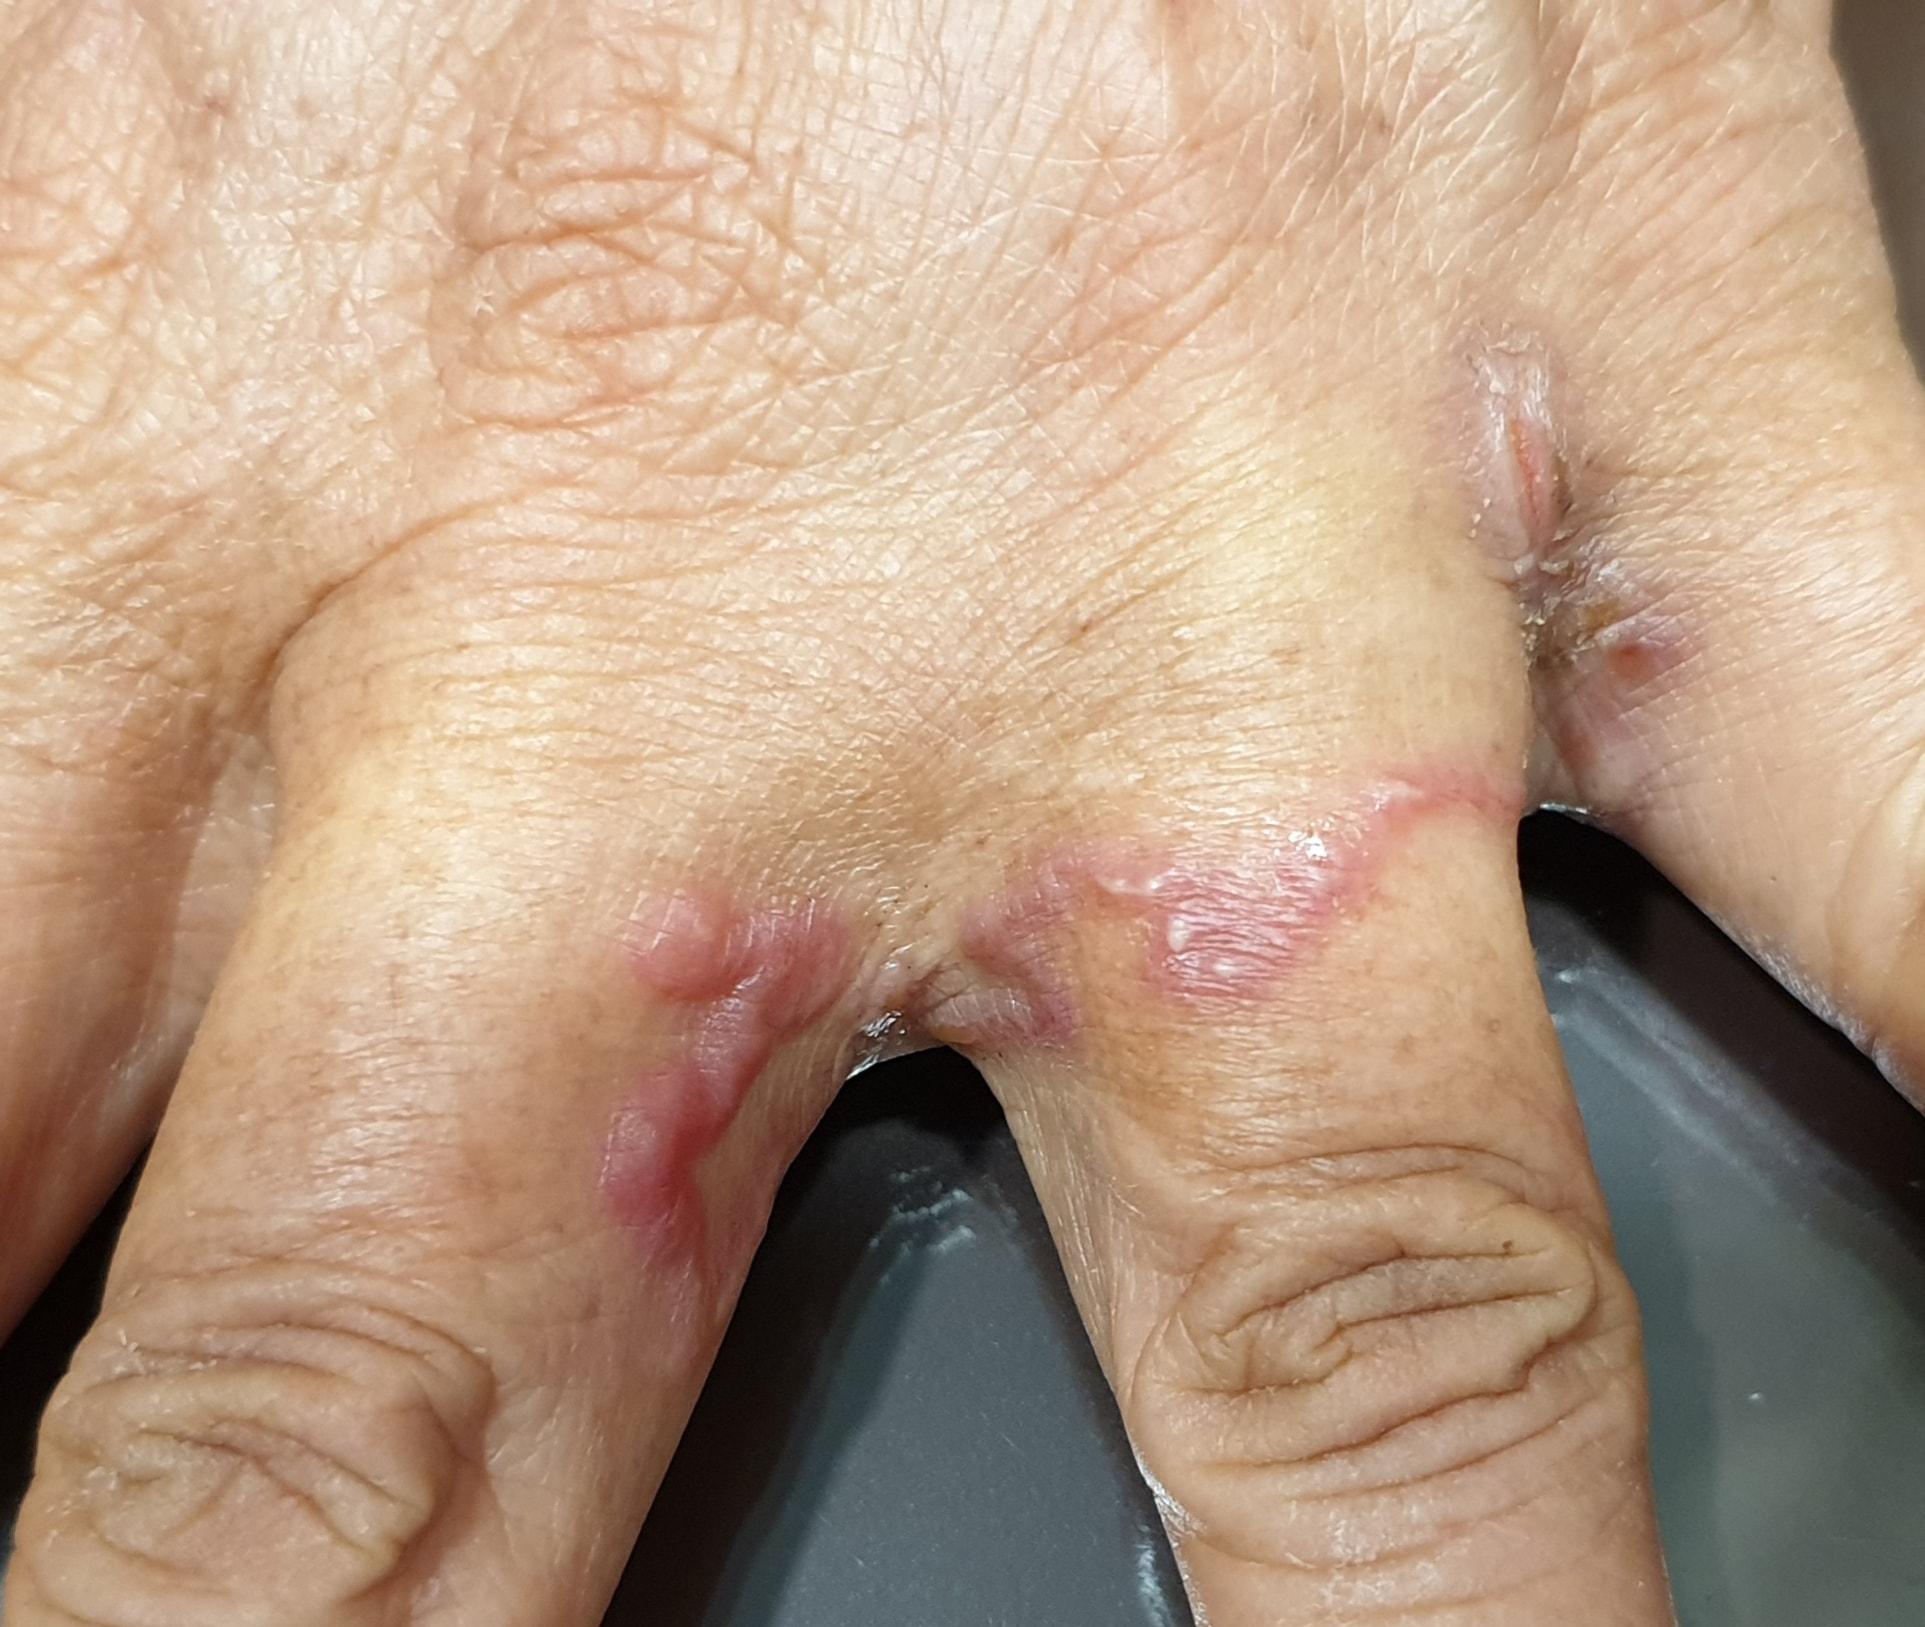 """แพทย์เตือน """"โรคพยาธิชอนไชผิวหนัง"""" กำลังระบาด แนะอย่าเดินเท้าเปล่าหรือสัมผัสดินที่เปื้อนมูลสัตว์"""